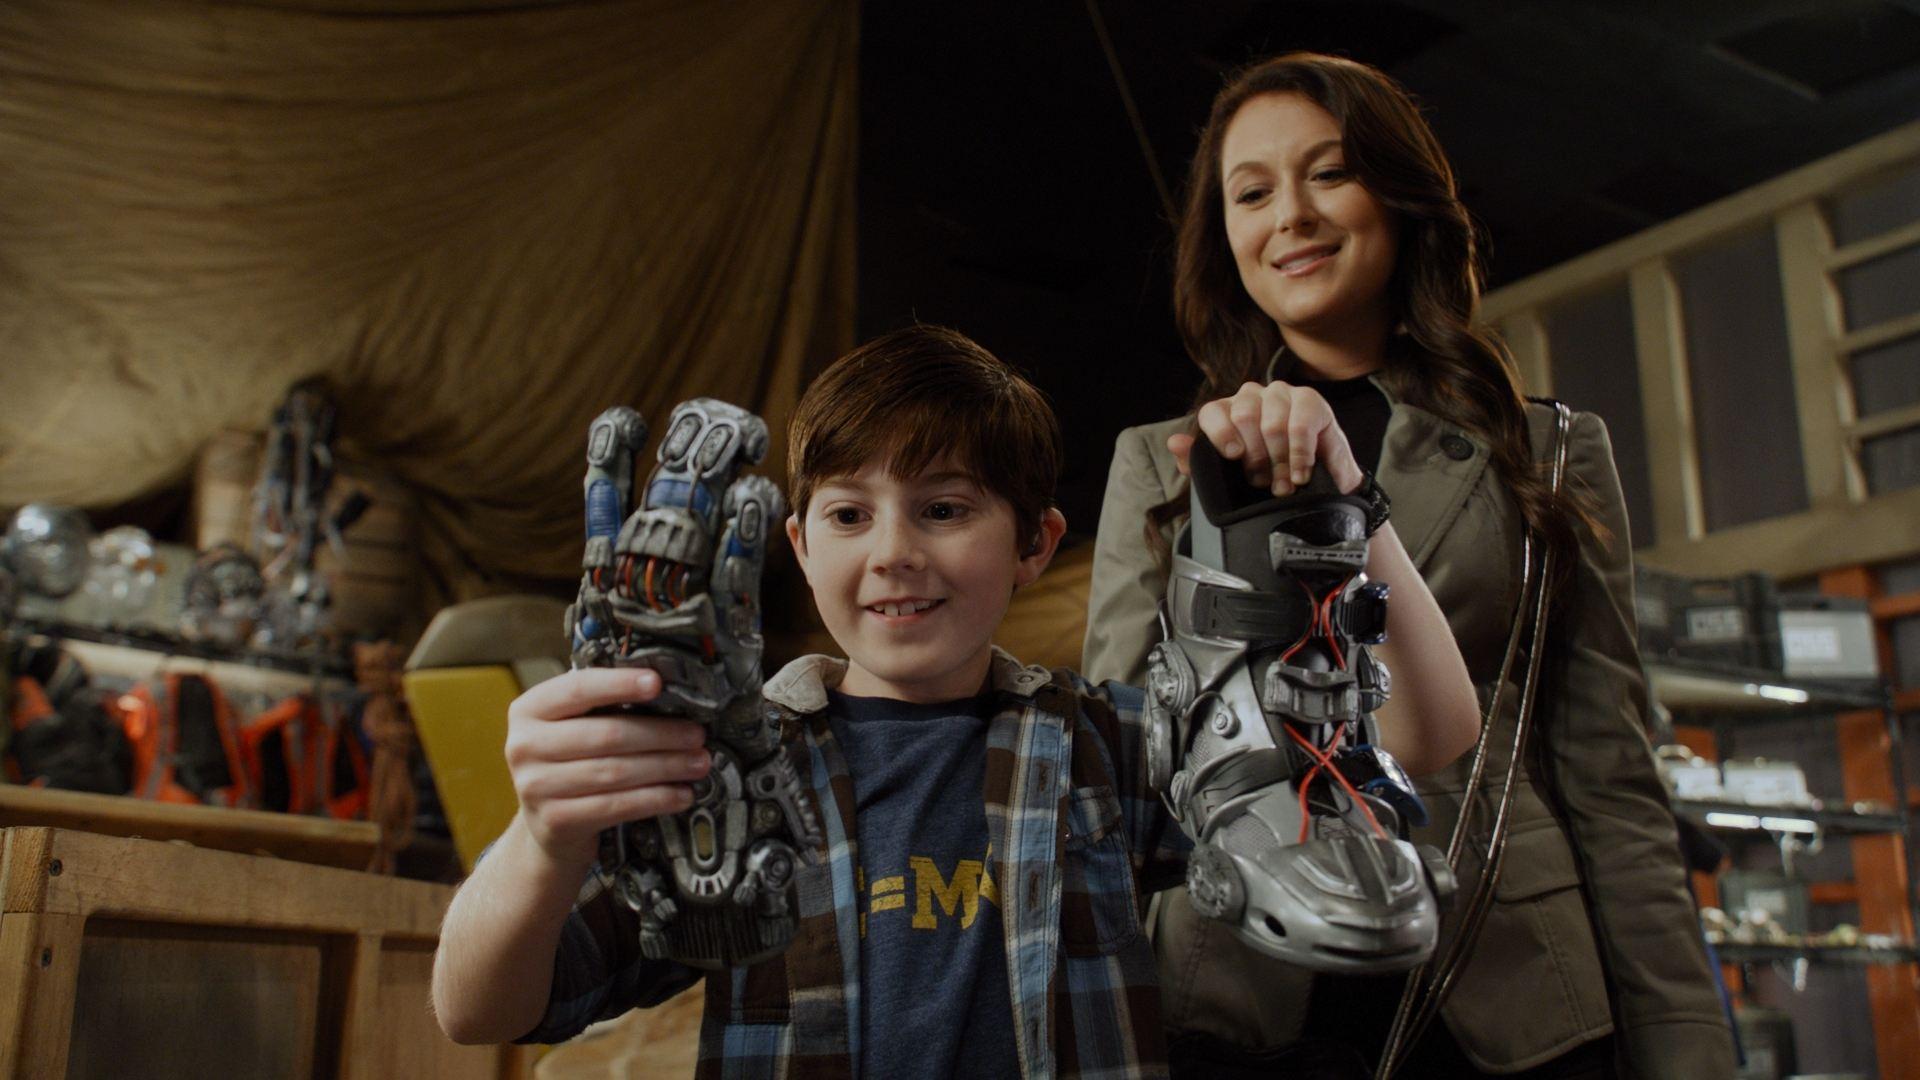 кадры из фильма Дети шпионов в 4D Мэйсон Кук, Алекса ПенаВега,